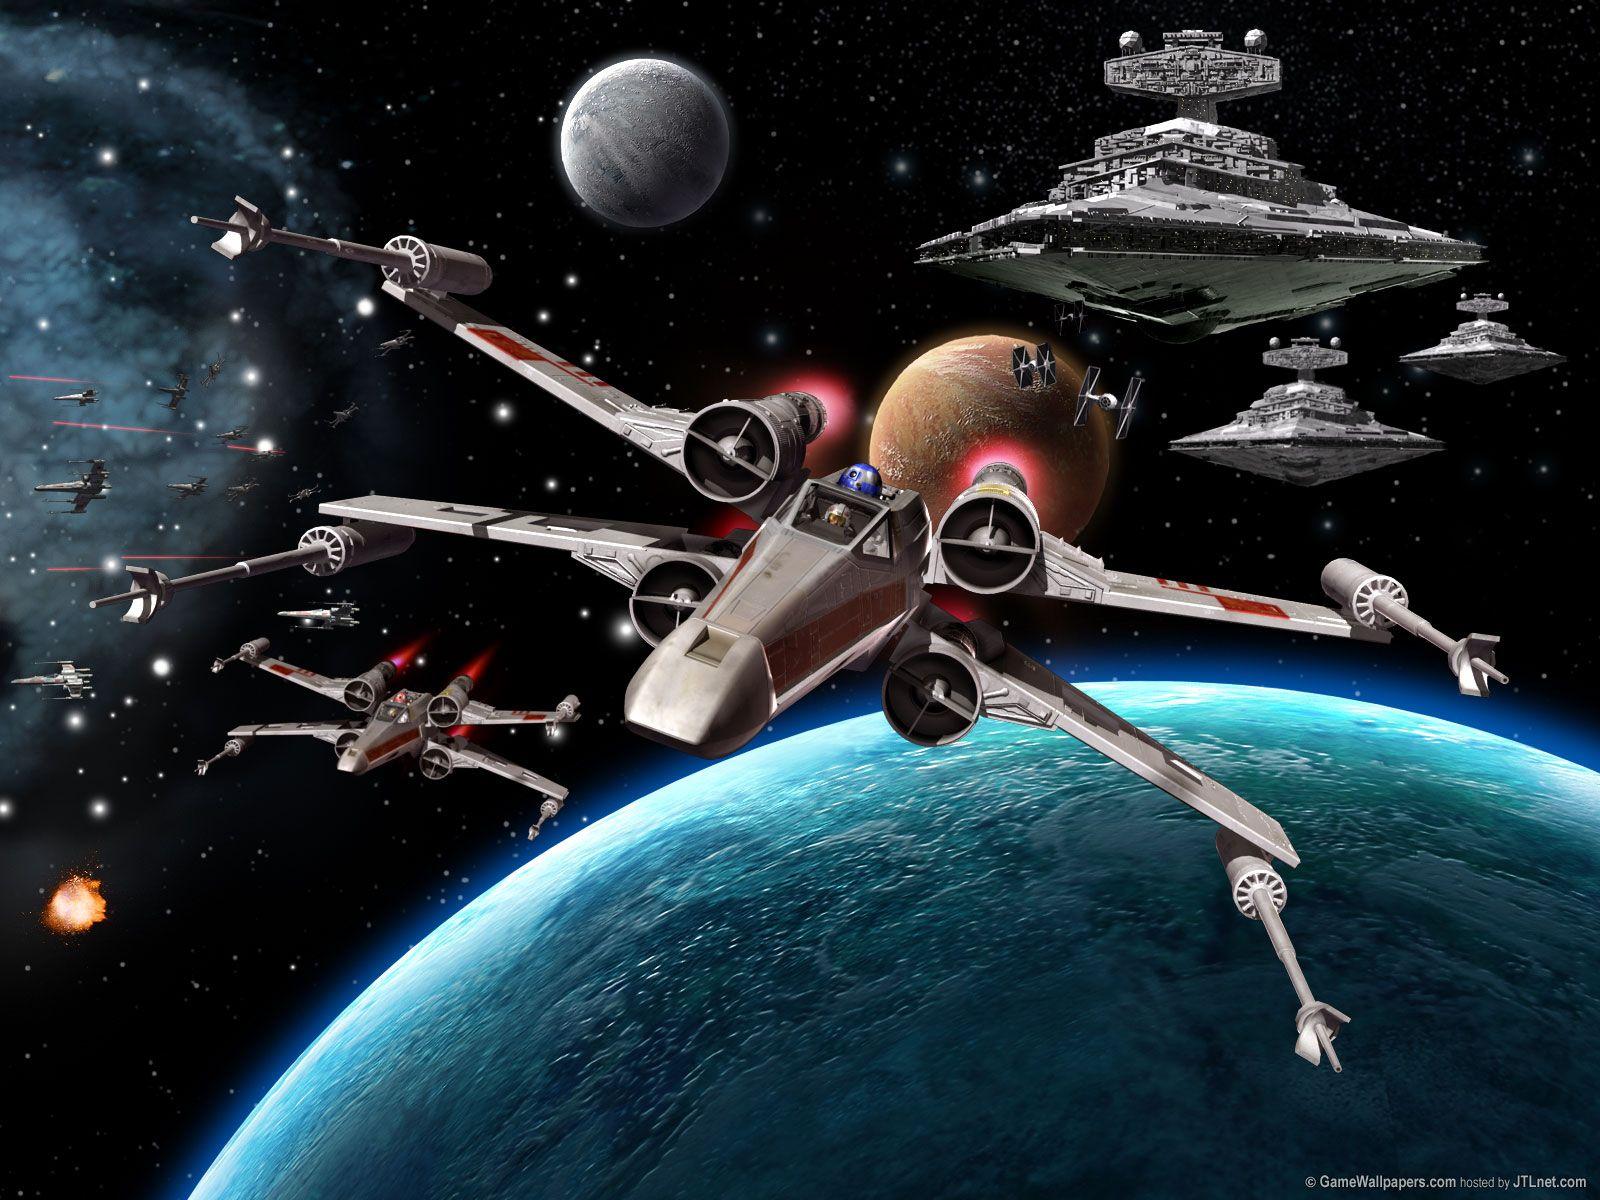 Star Wars Space Battle Wallpaper Affiche Star Wars Images Star Wars Vaisseau Star Wars